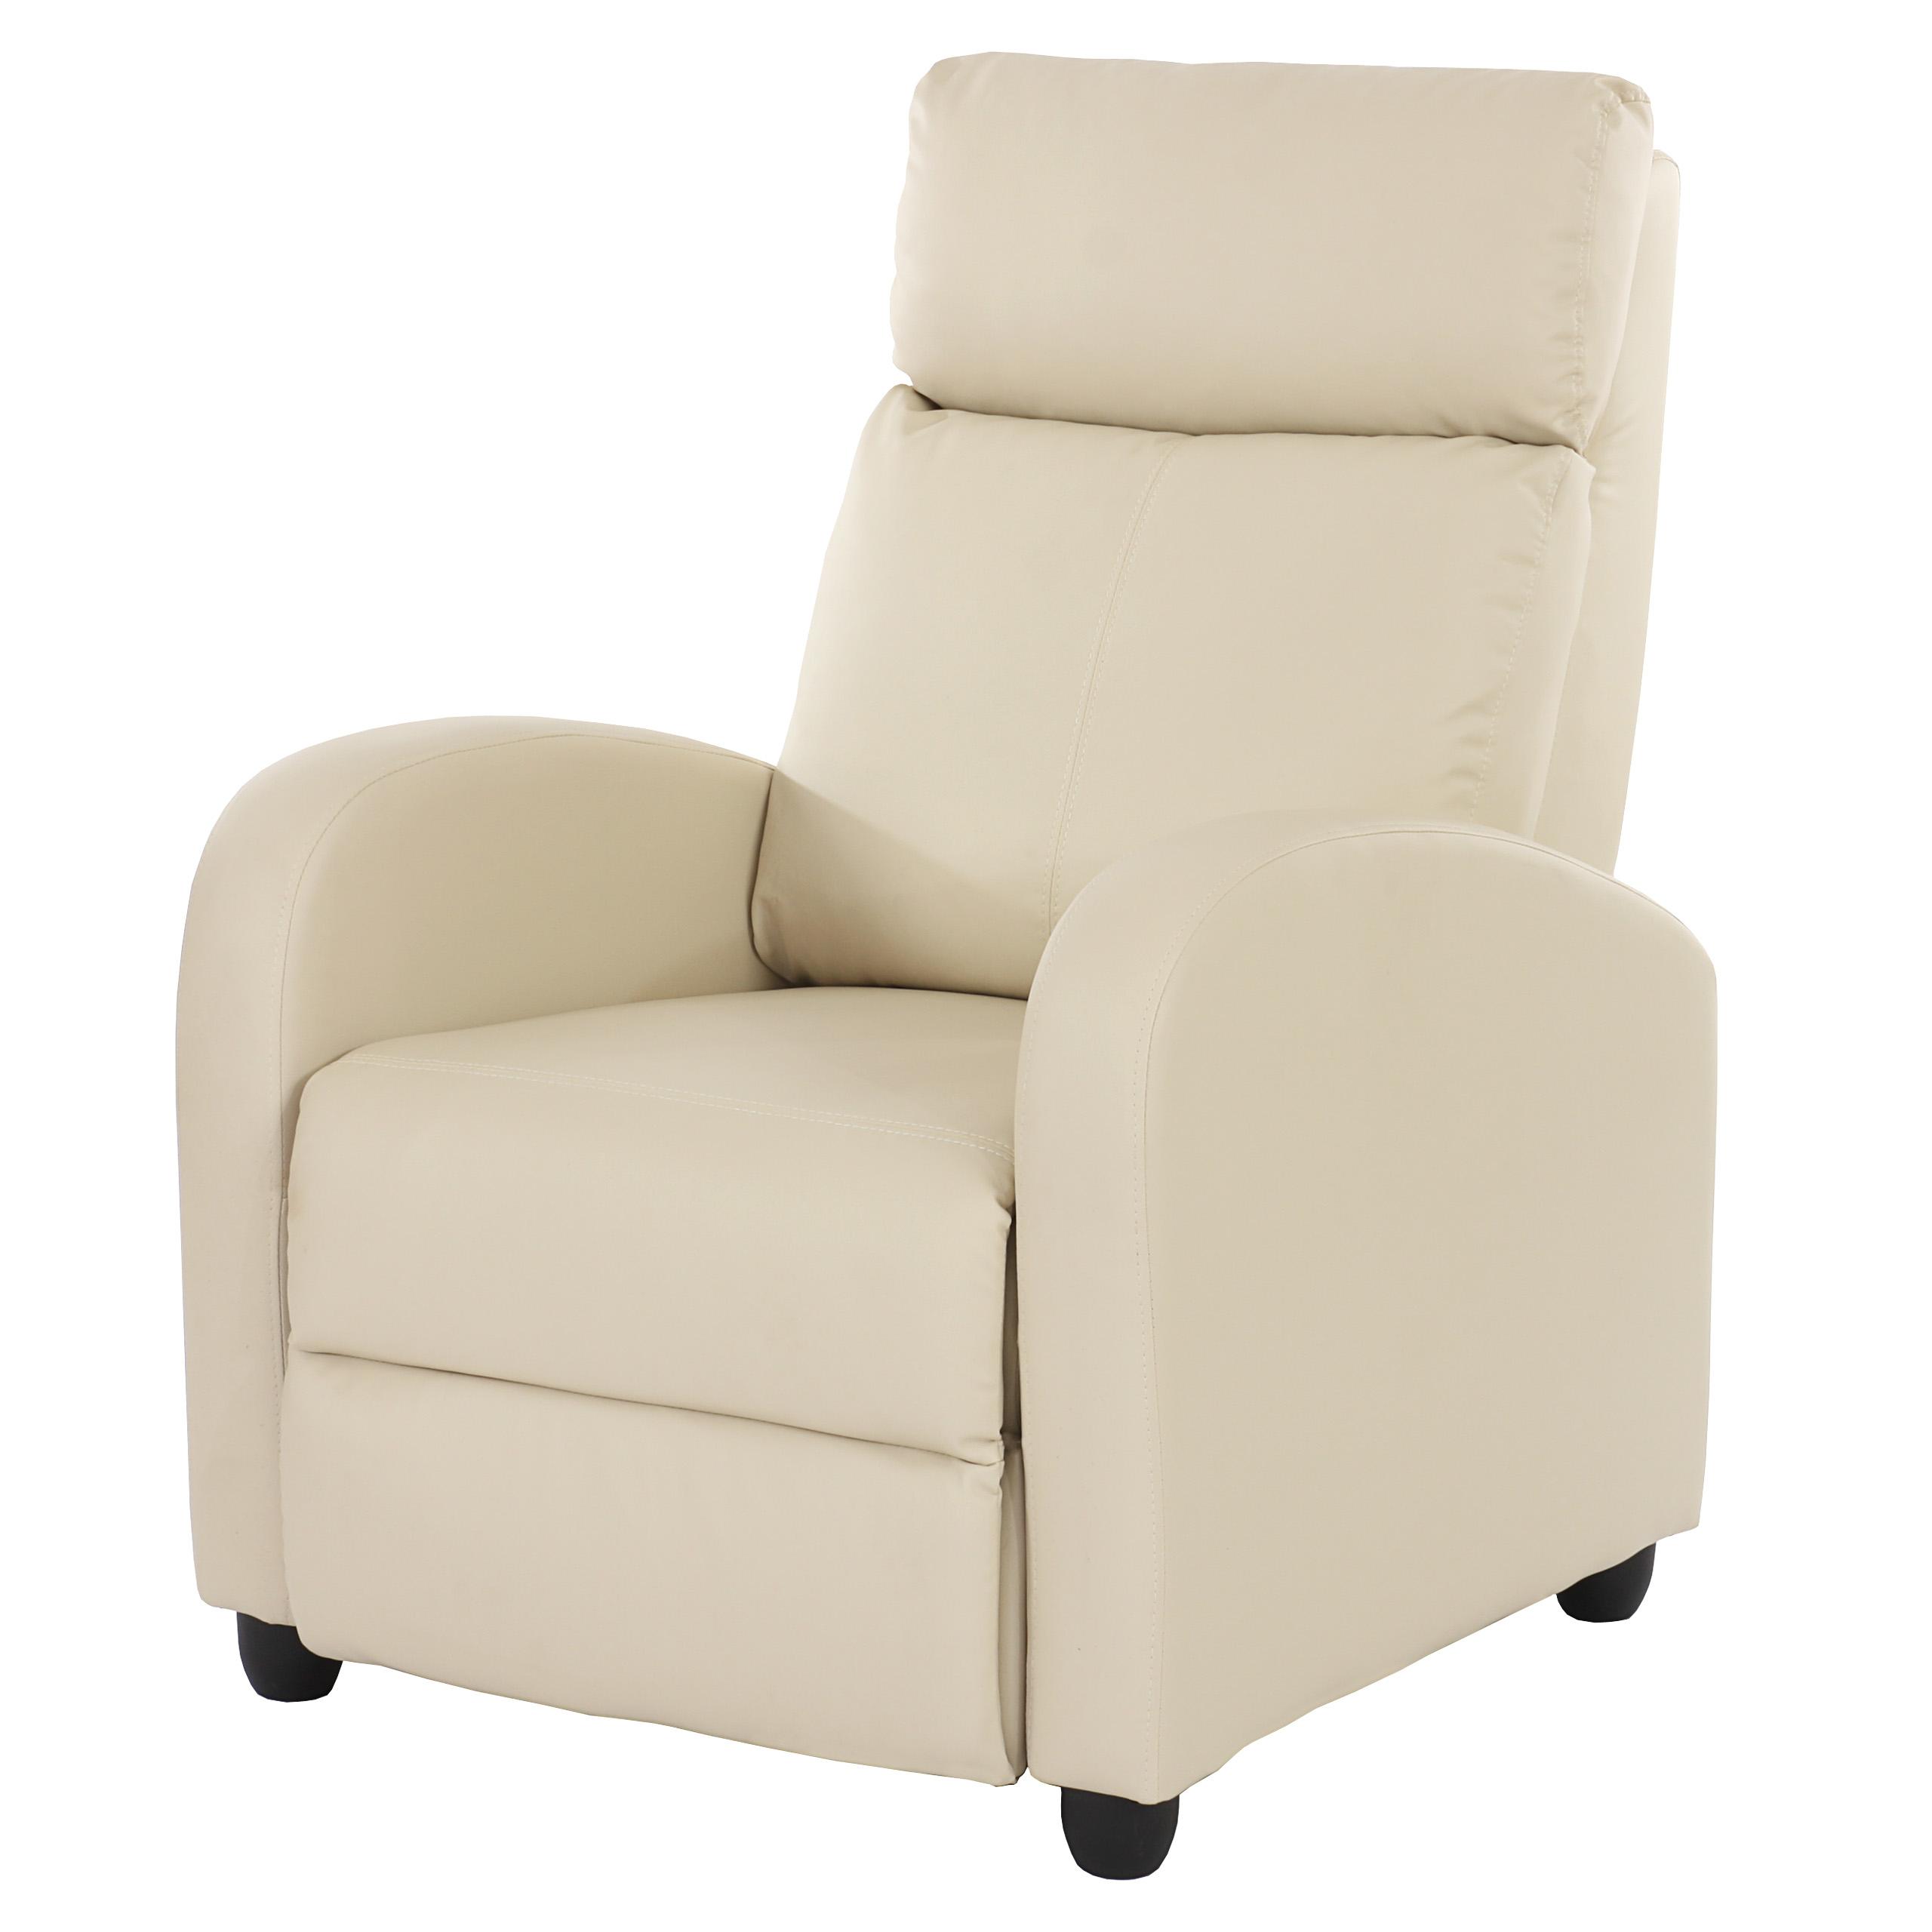 fernsehsessel relaxsessel liege sessel denver kunstleder creme. Black Bedroom Furniture Sets. Home Design Ideas